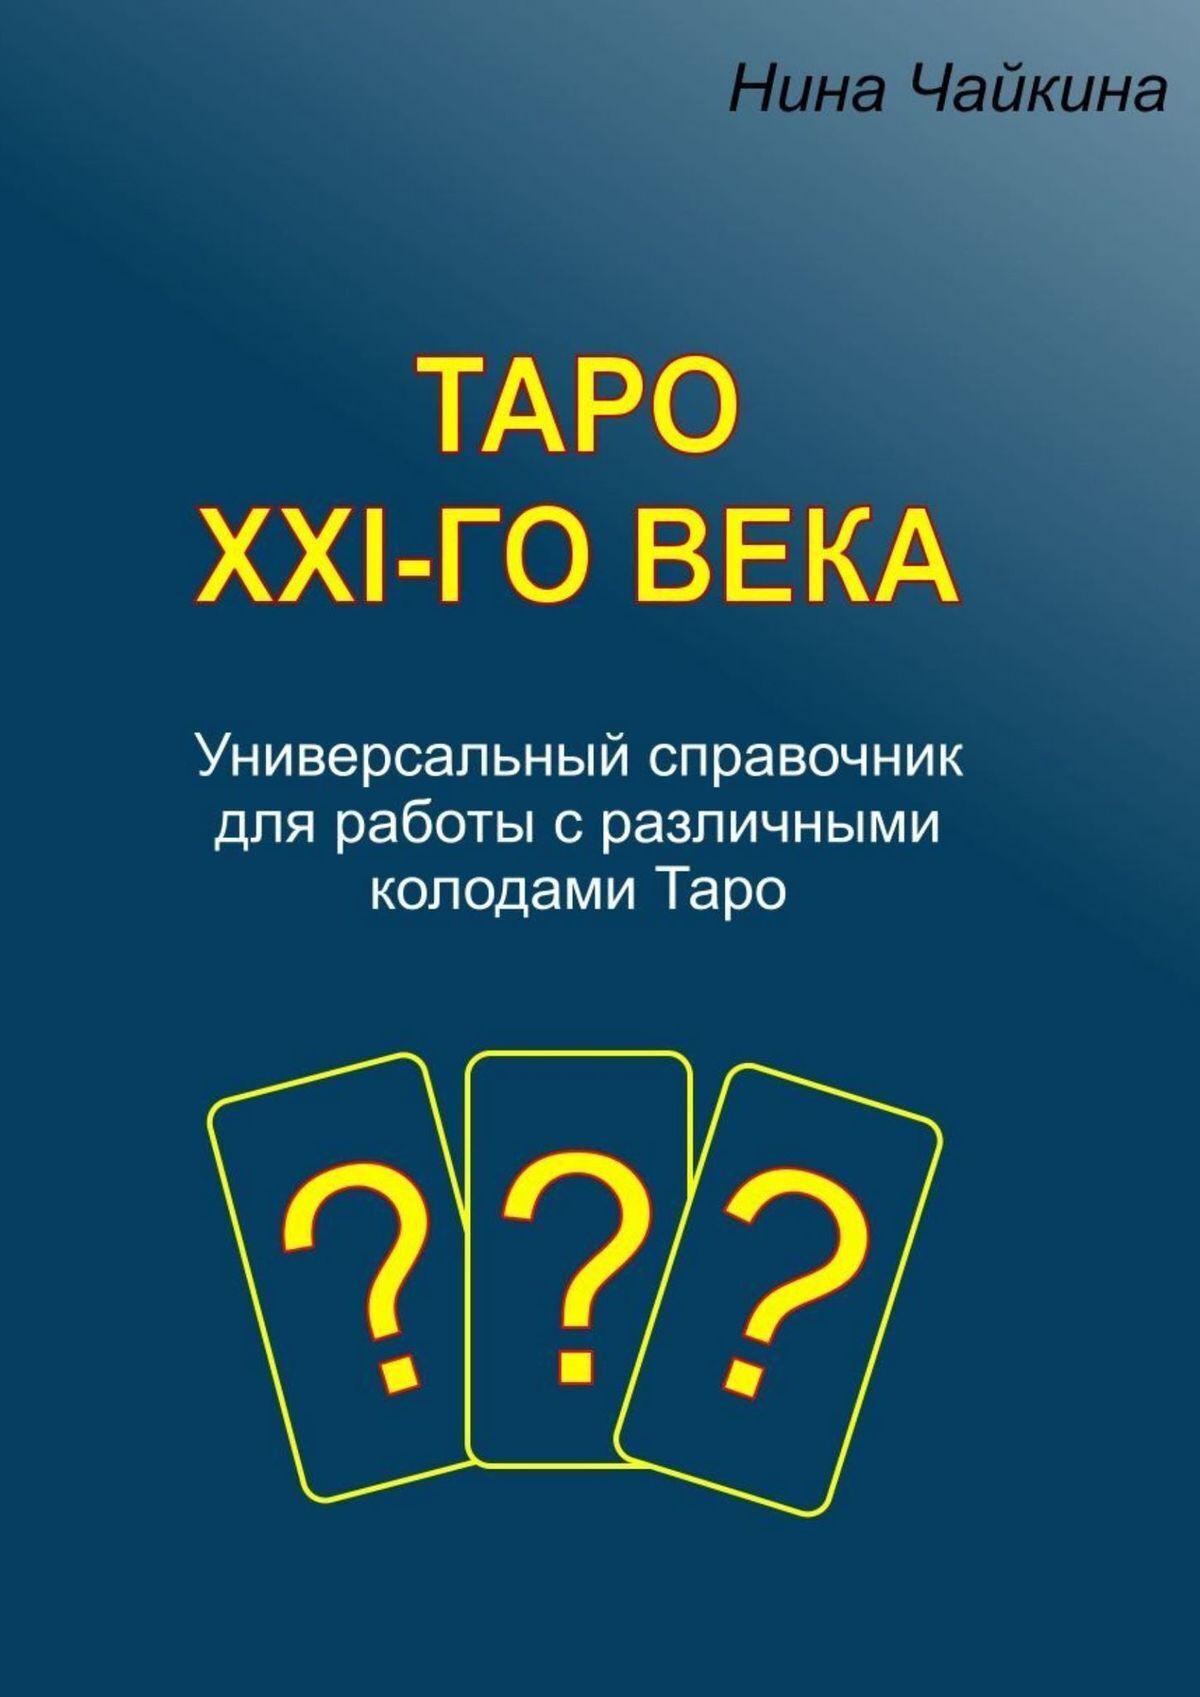 Таро XXI-говека. Универсальный справочник для работы сразличными колодамиТаро